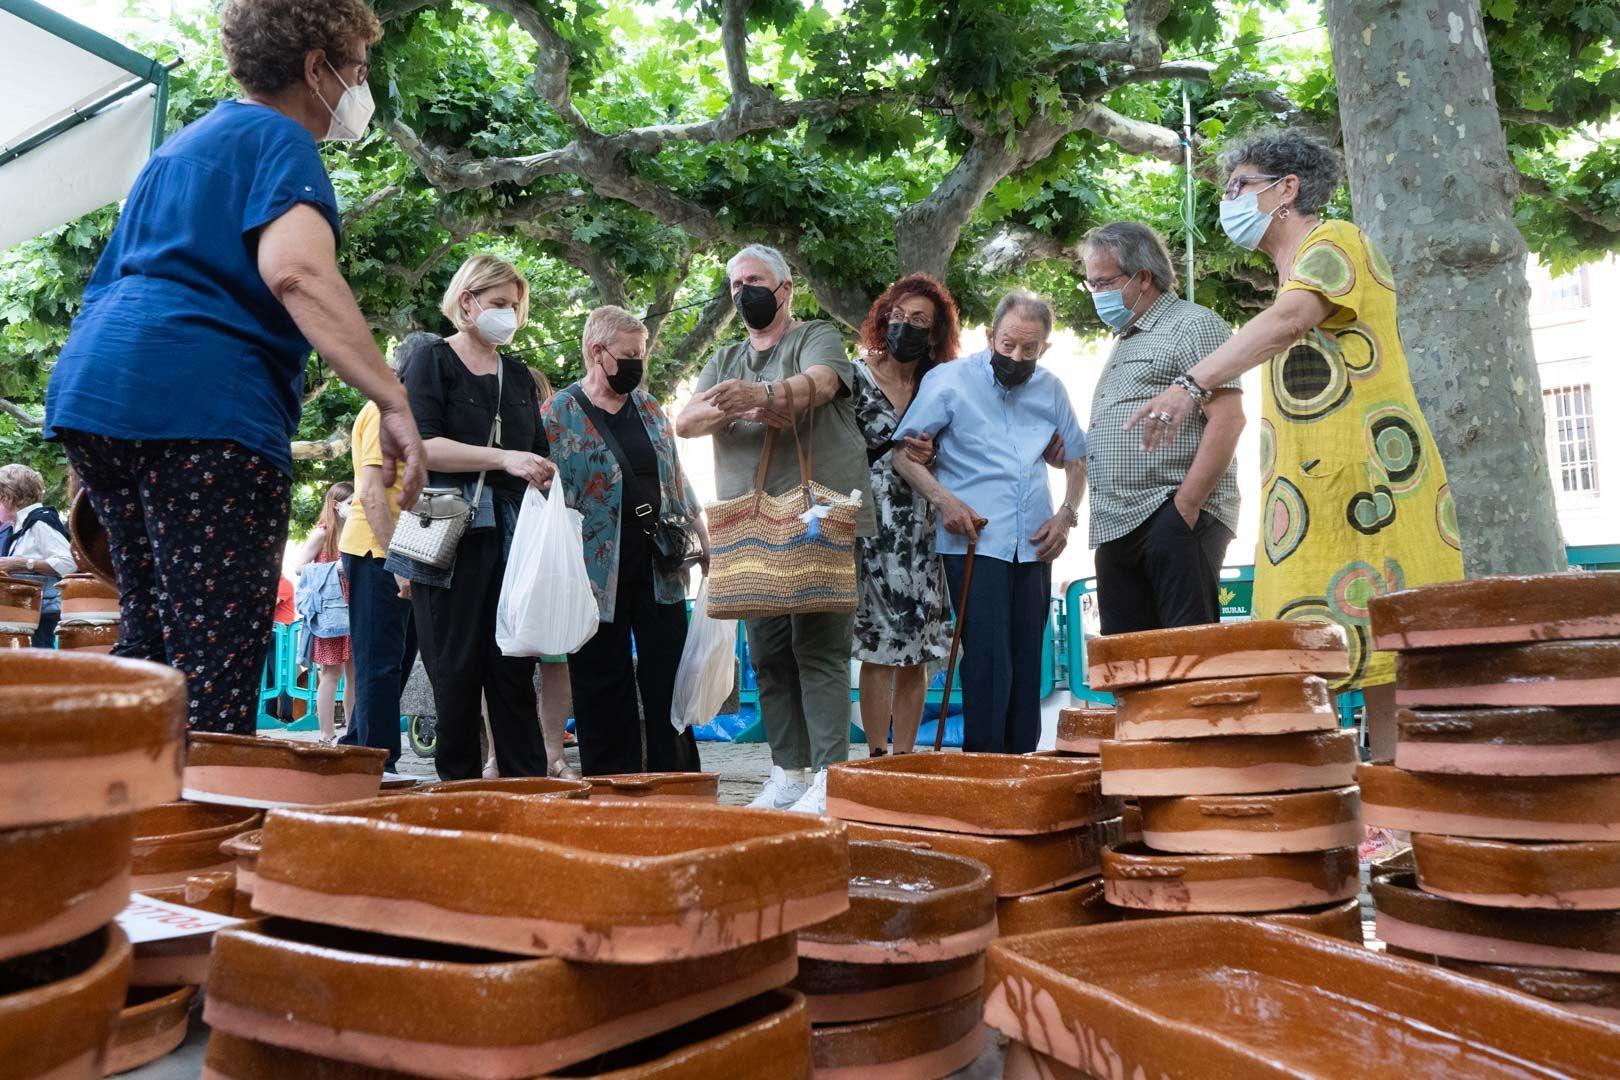 GALERÍA   La Feria de la Cerámica y Alfarería Popular de Zamora 2021, en imágenes